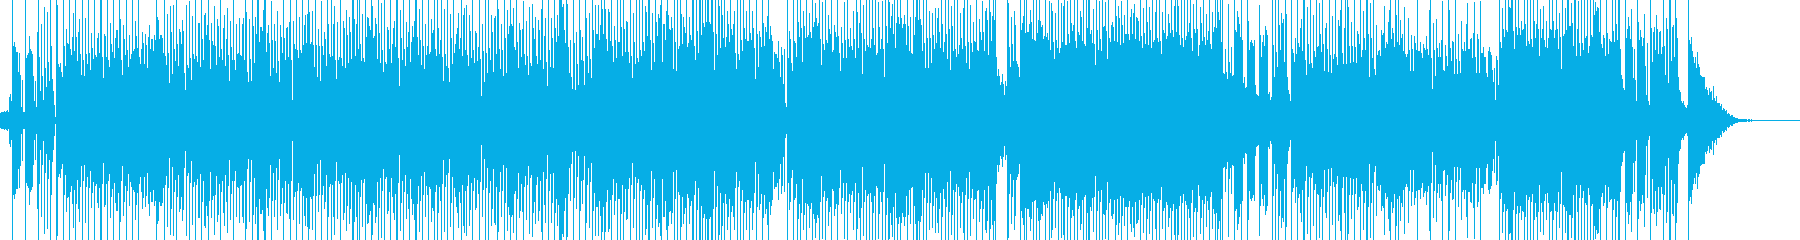 アルプス・笑顔・軽快なカントリー 短尺の再生済みの波形